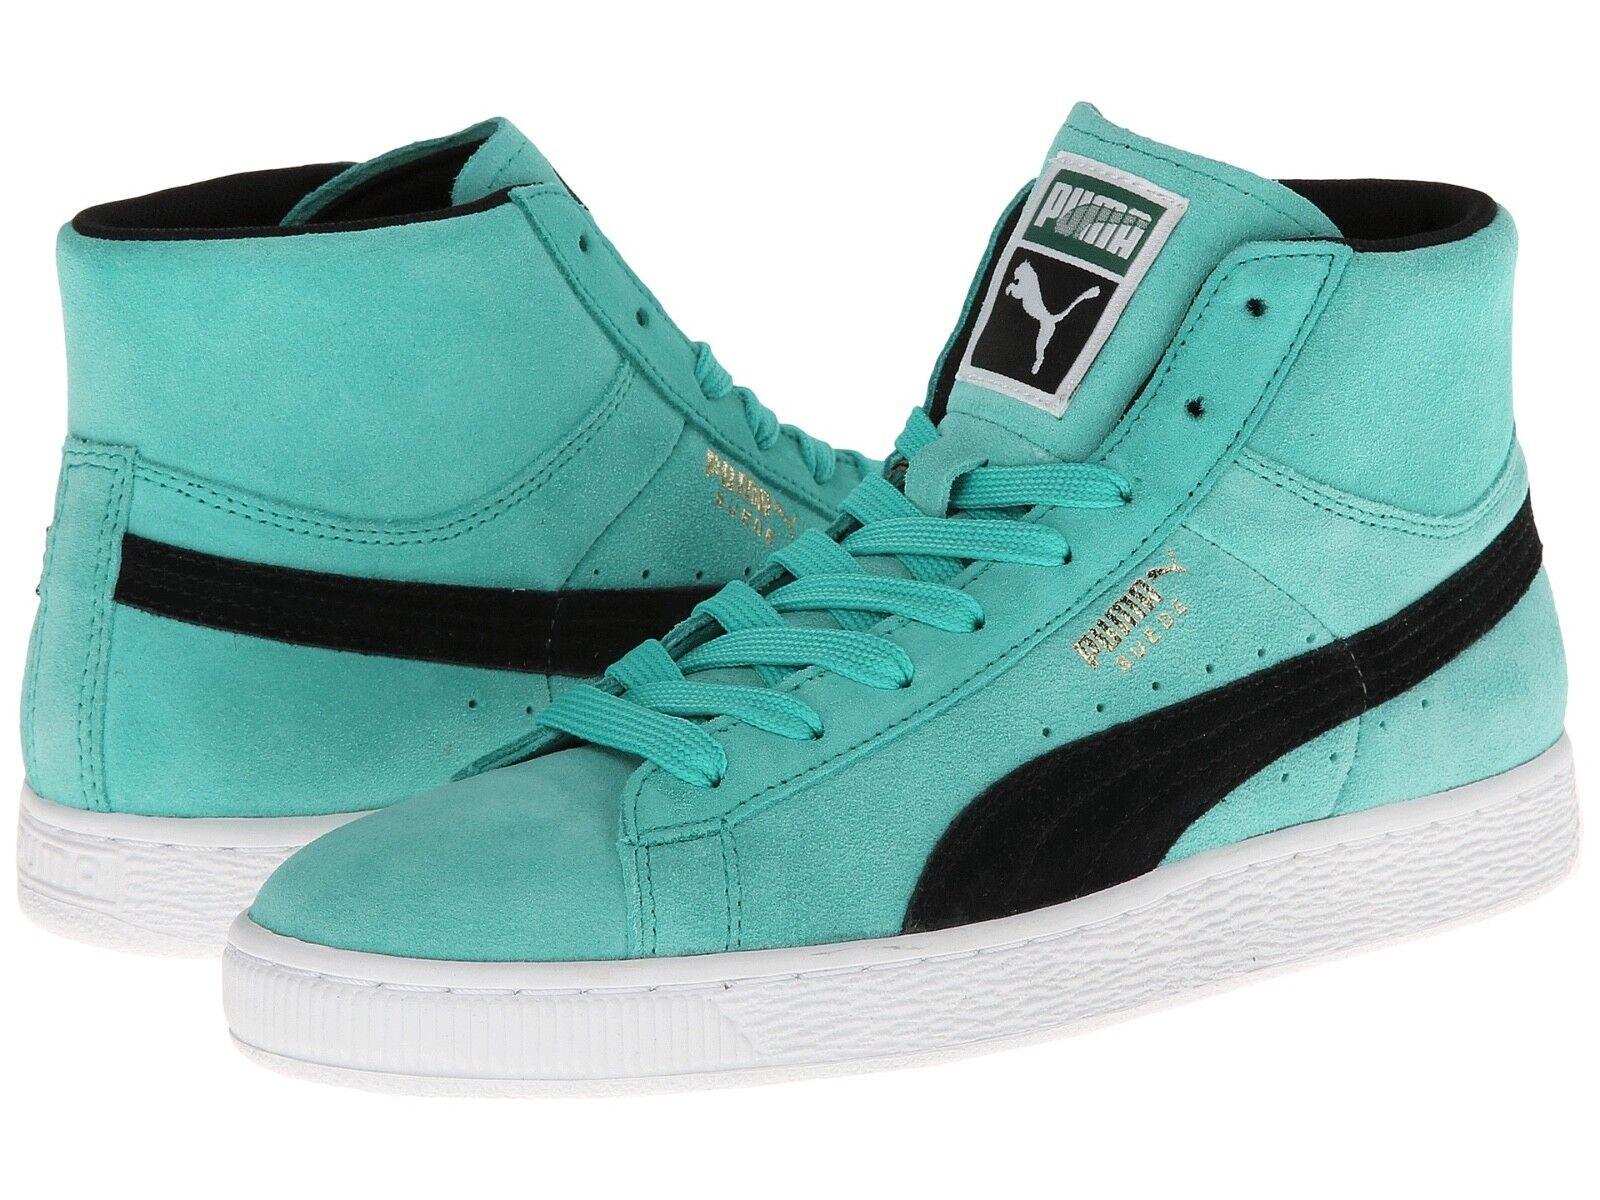 Puma negro Suede Classic Mid básico negro Puma verde azulado para mujer 3e4fdc